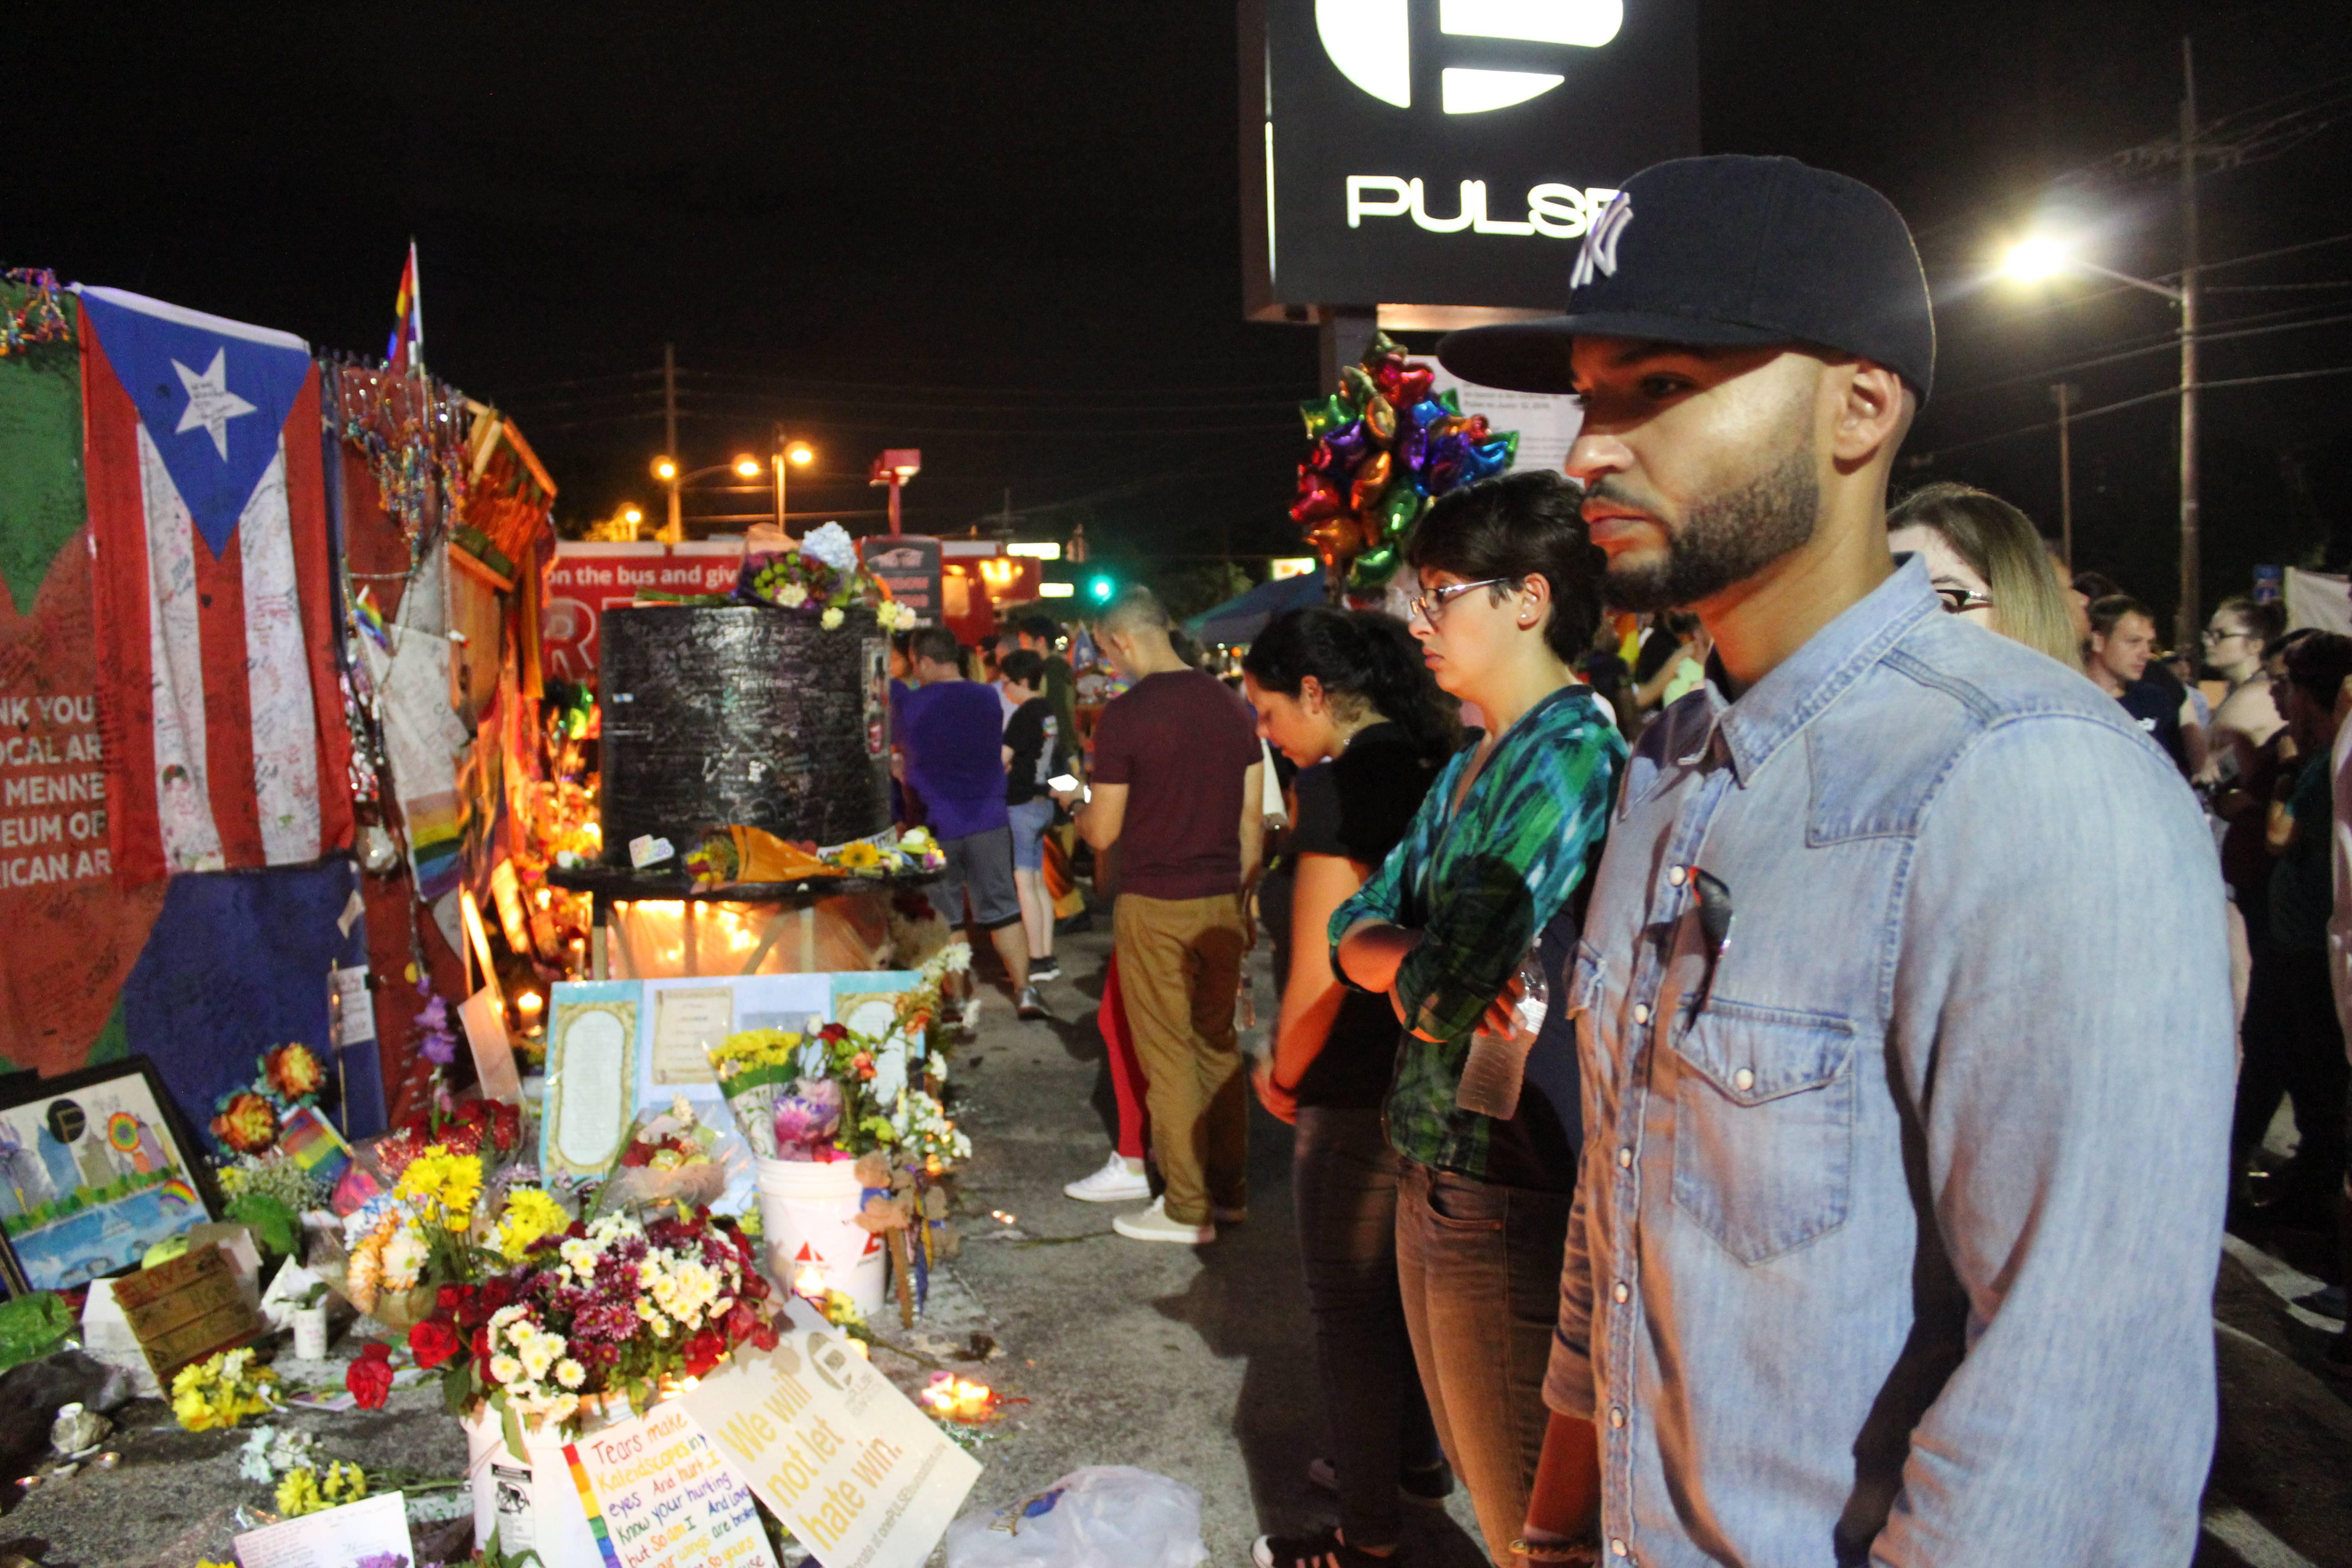 Raymond García, en la extrema derecha, solía visitar Pulse antes del ataque del 12 de junio de 2016. Esa noche decidió no ir porque tenía que trabajar. Foto: David Cordero Mercado